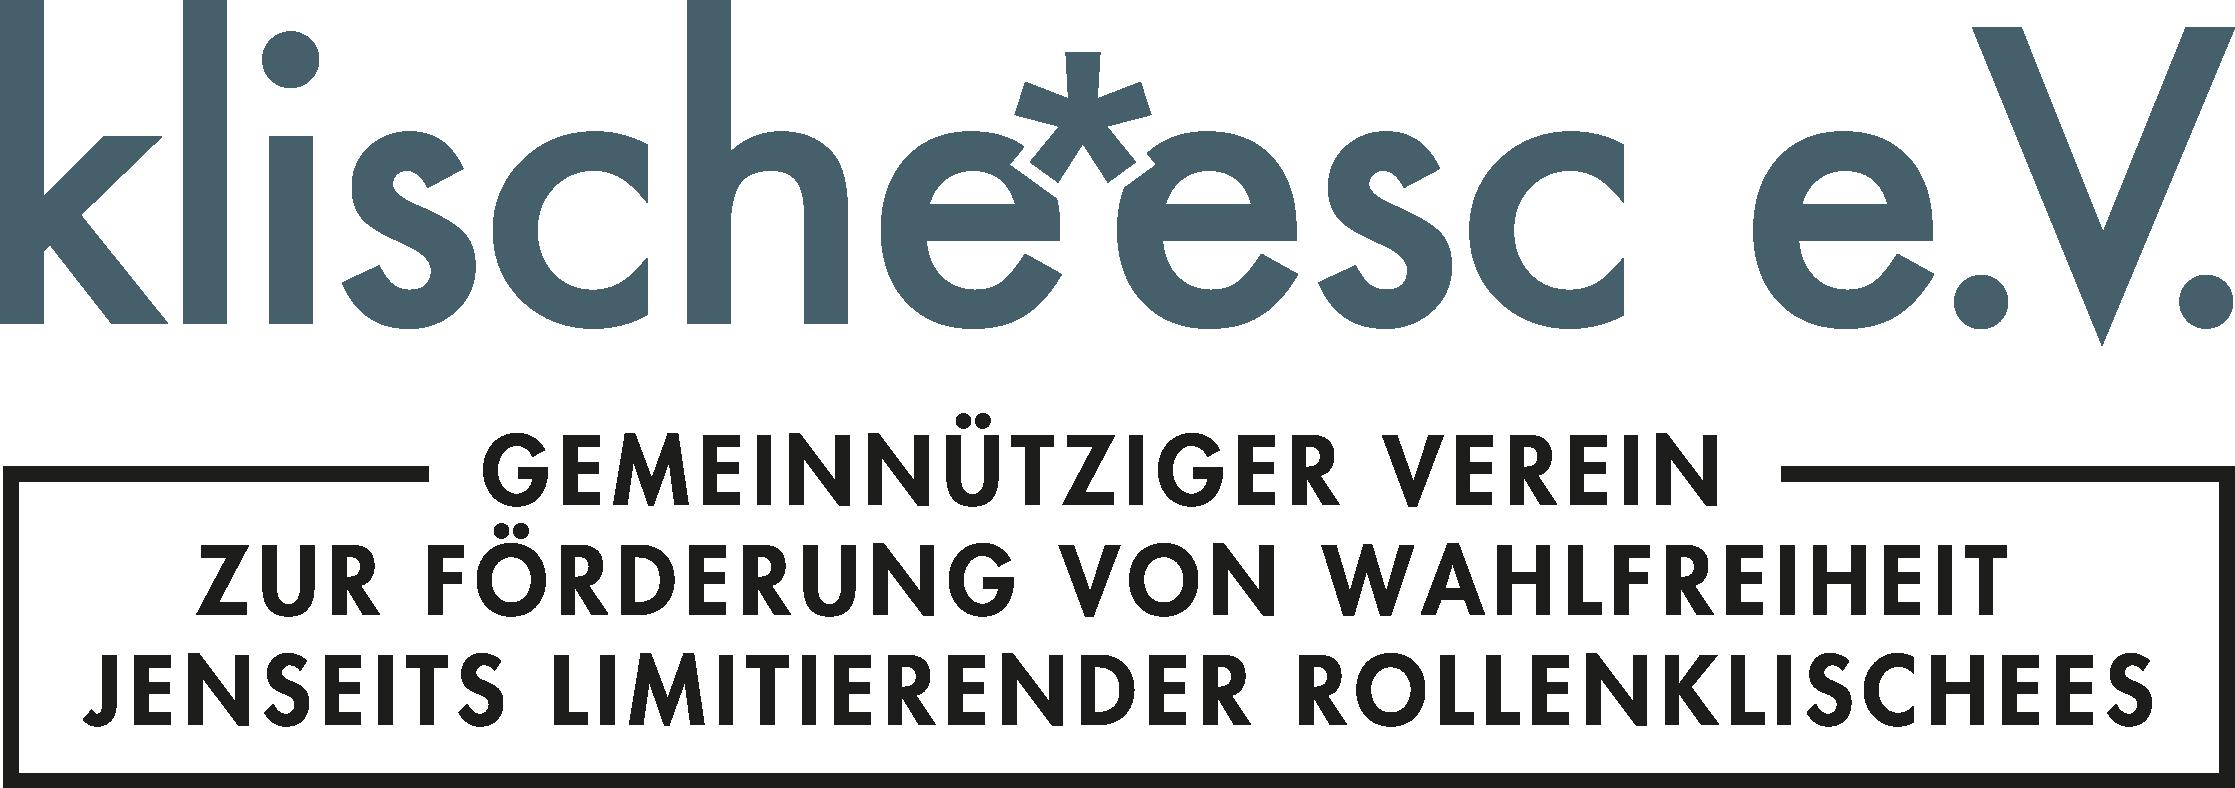 Logo klische*esc e.V.